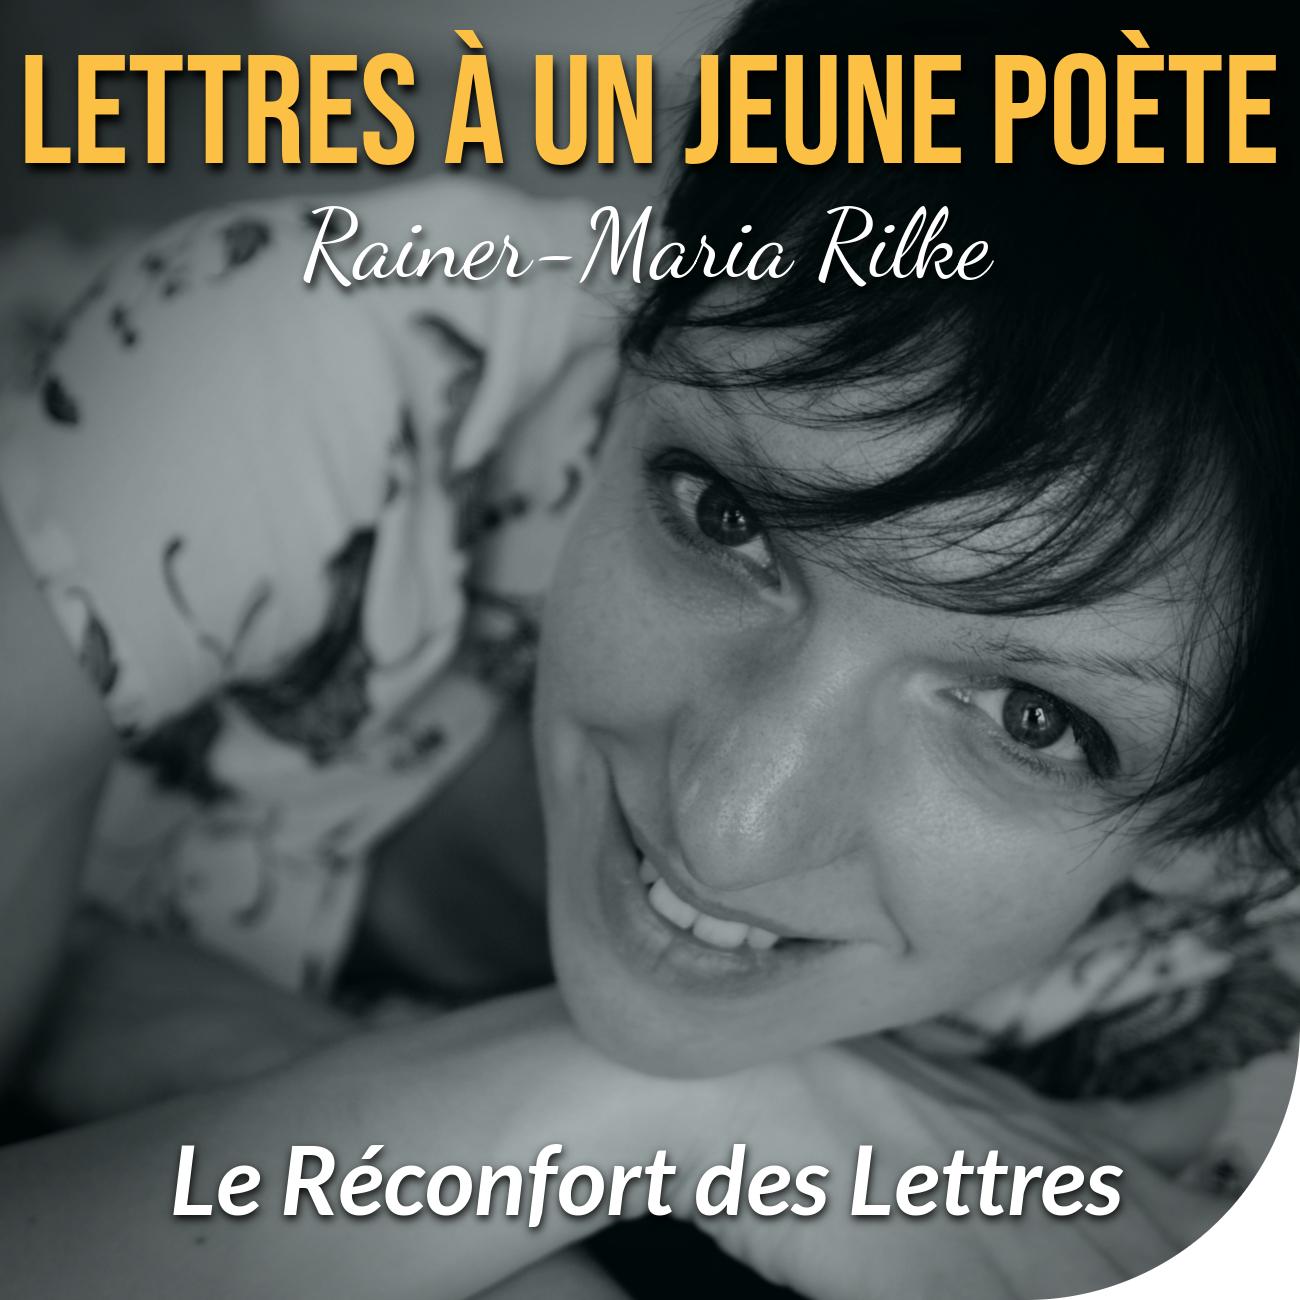 Lettres à un jeune poète - Rainer-Maria Rilke